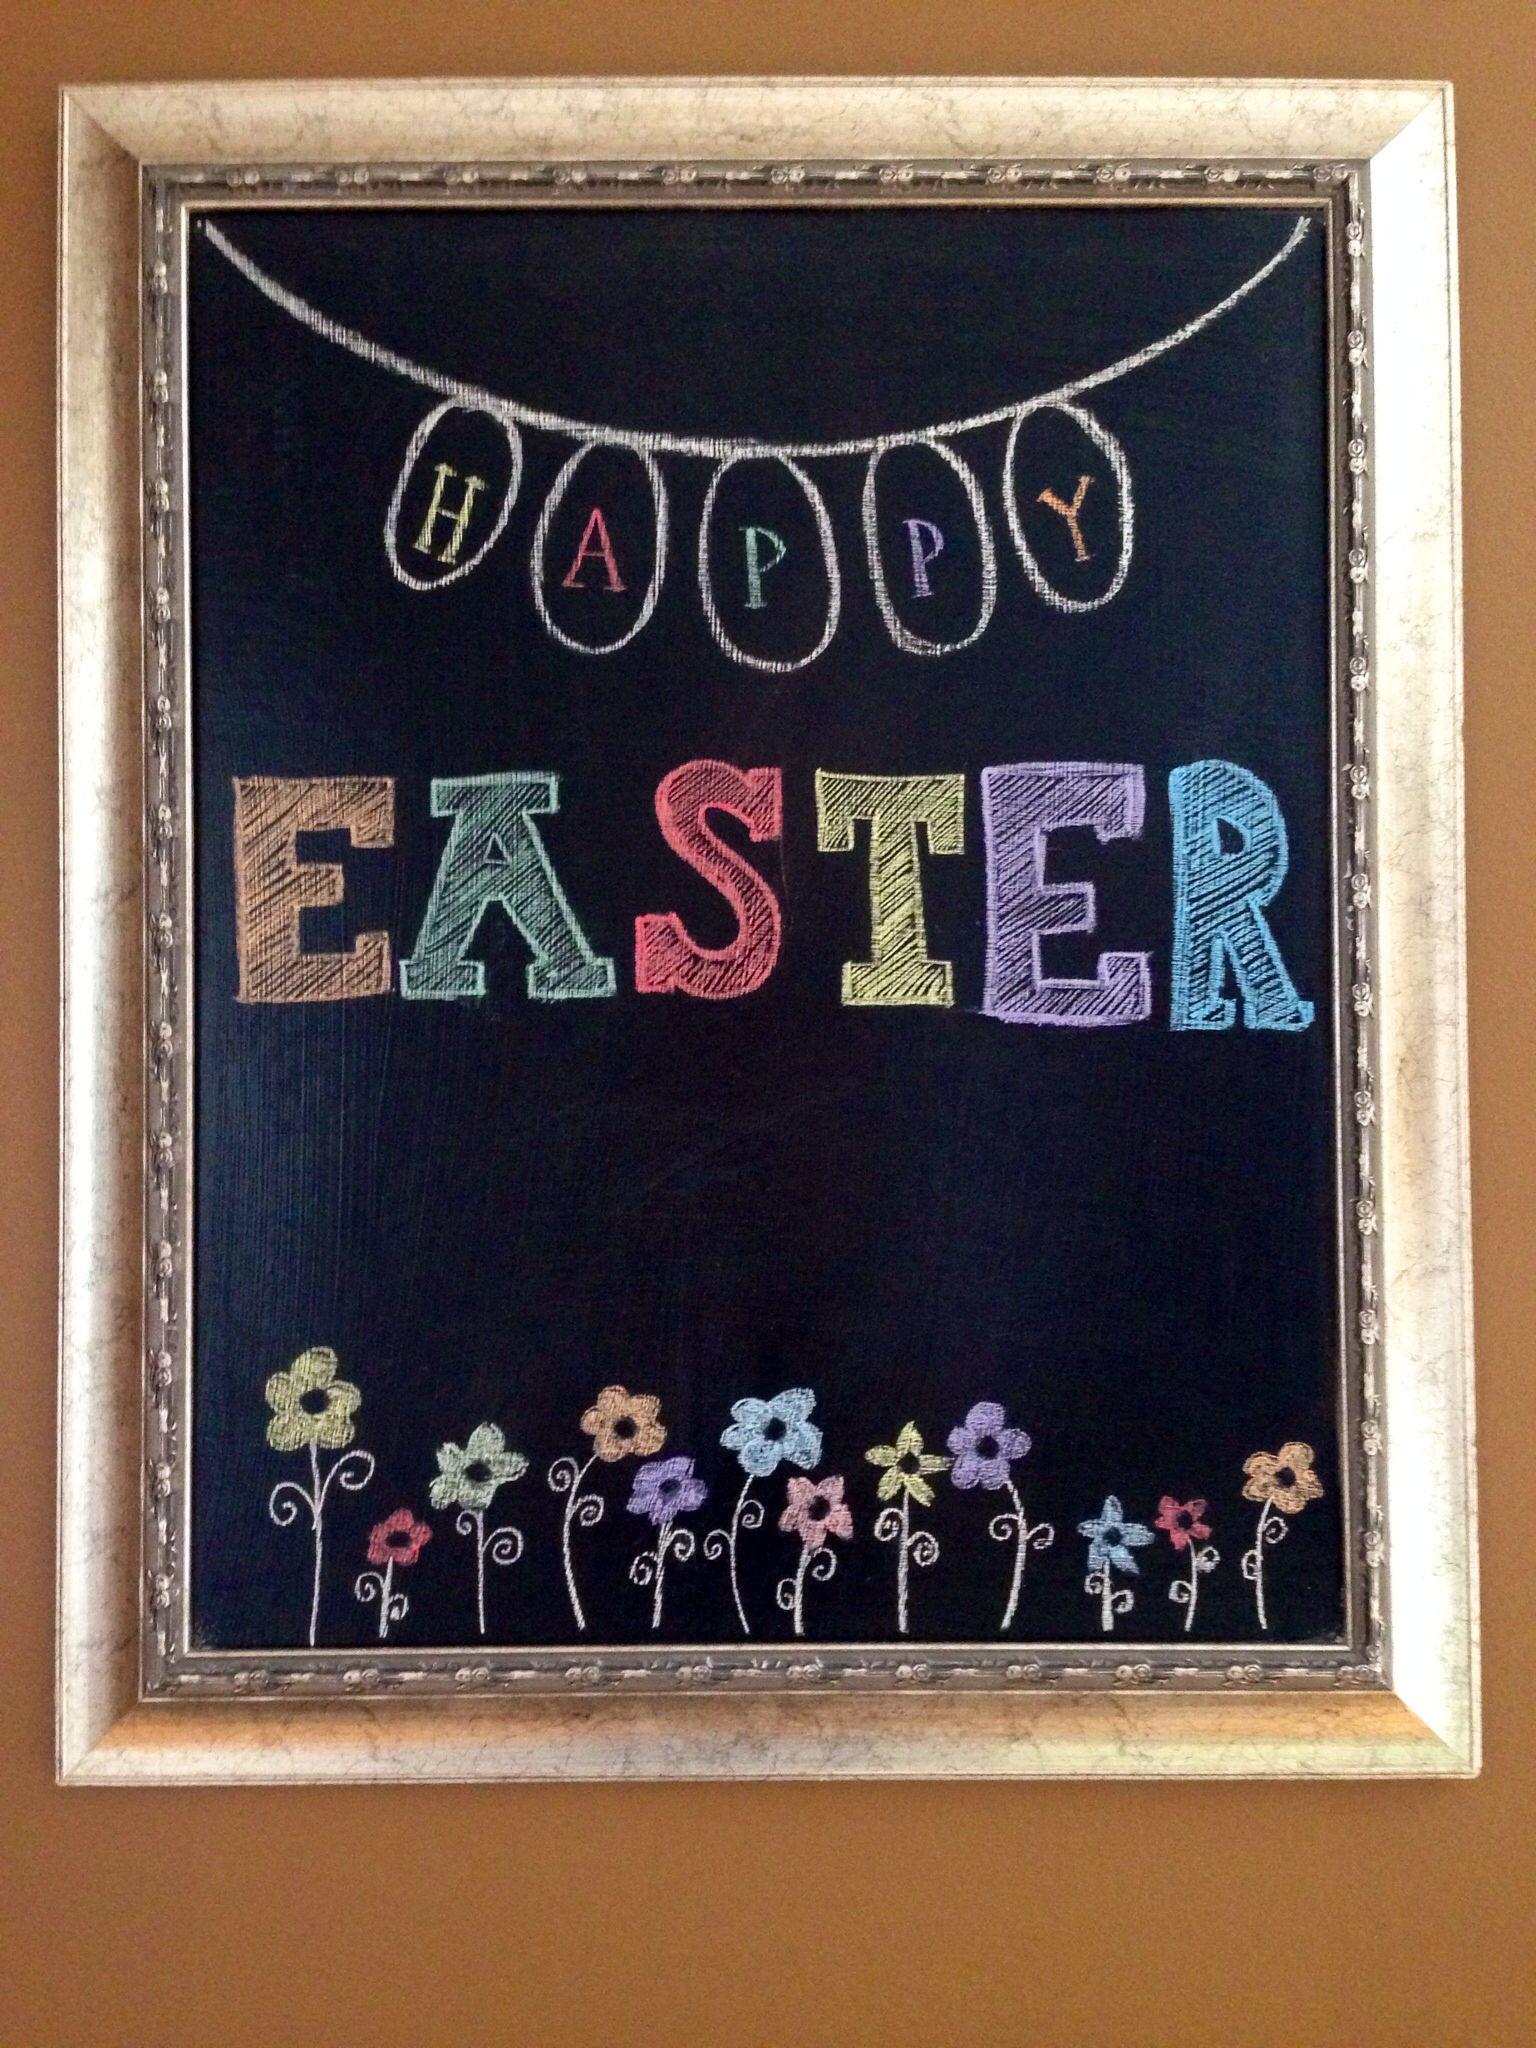 Easter chalkboard | Chalkboard ideas | Chalkboard drawings ...